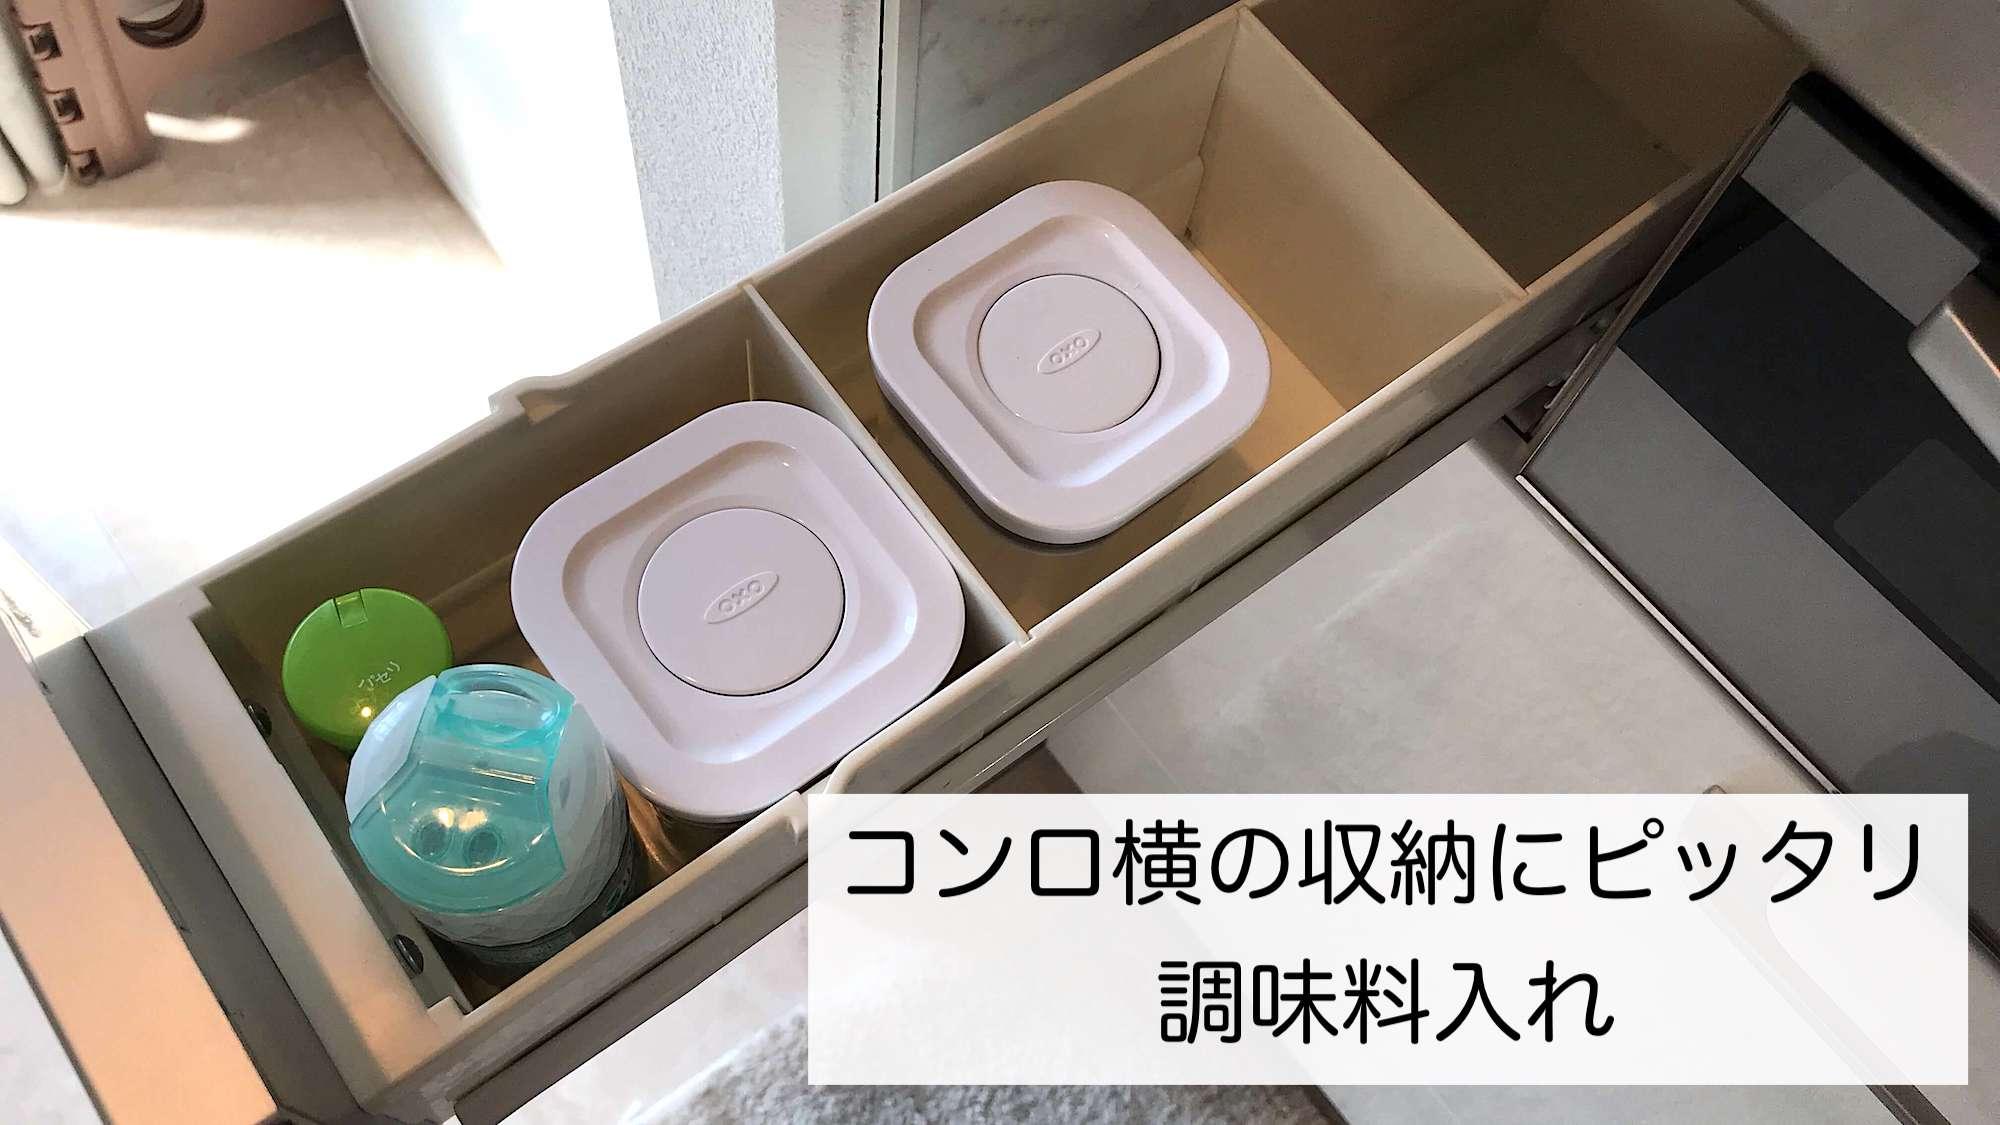 コンロ横の収納にピッタリの調味料入れ OXOポップコンテナ